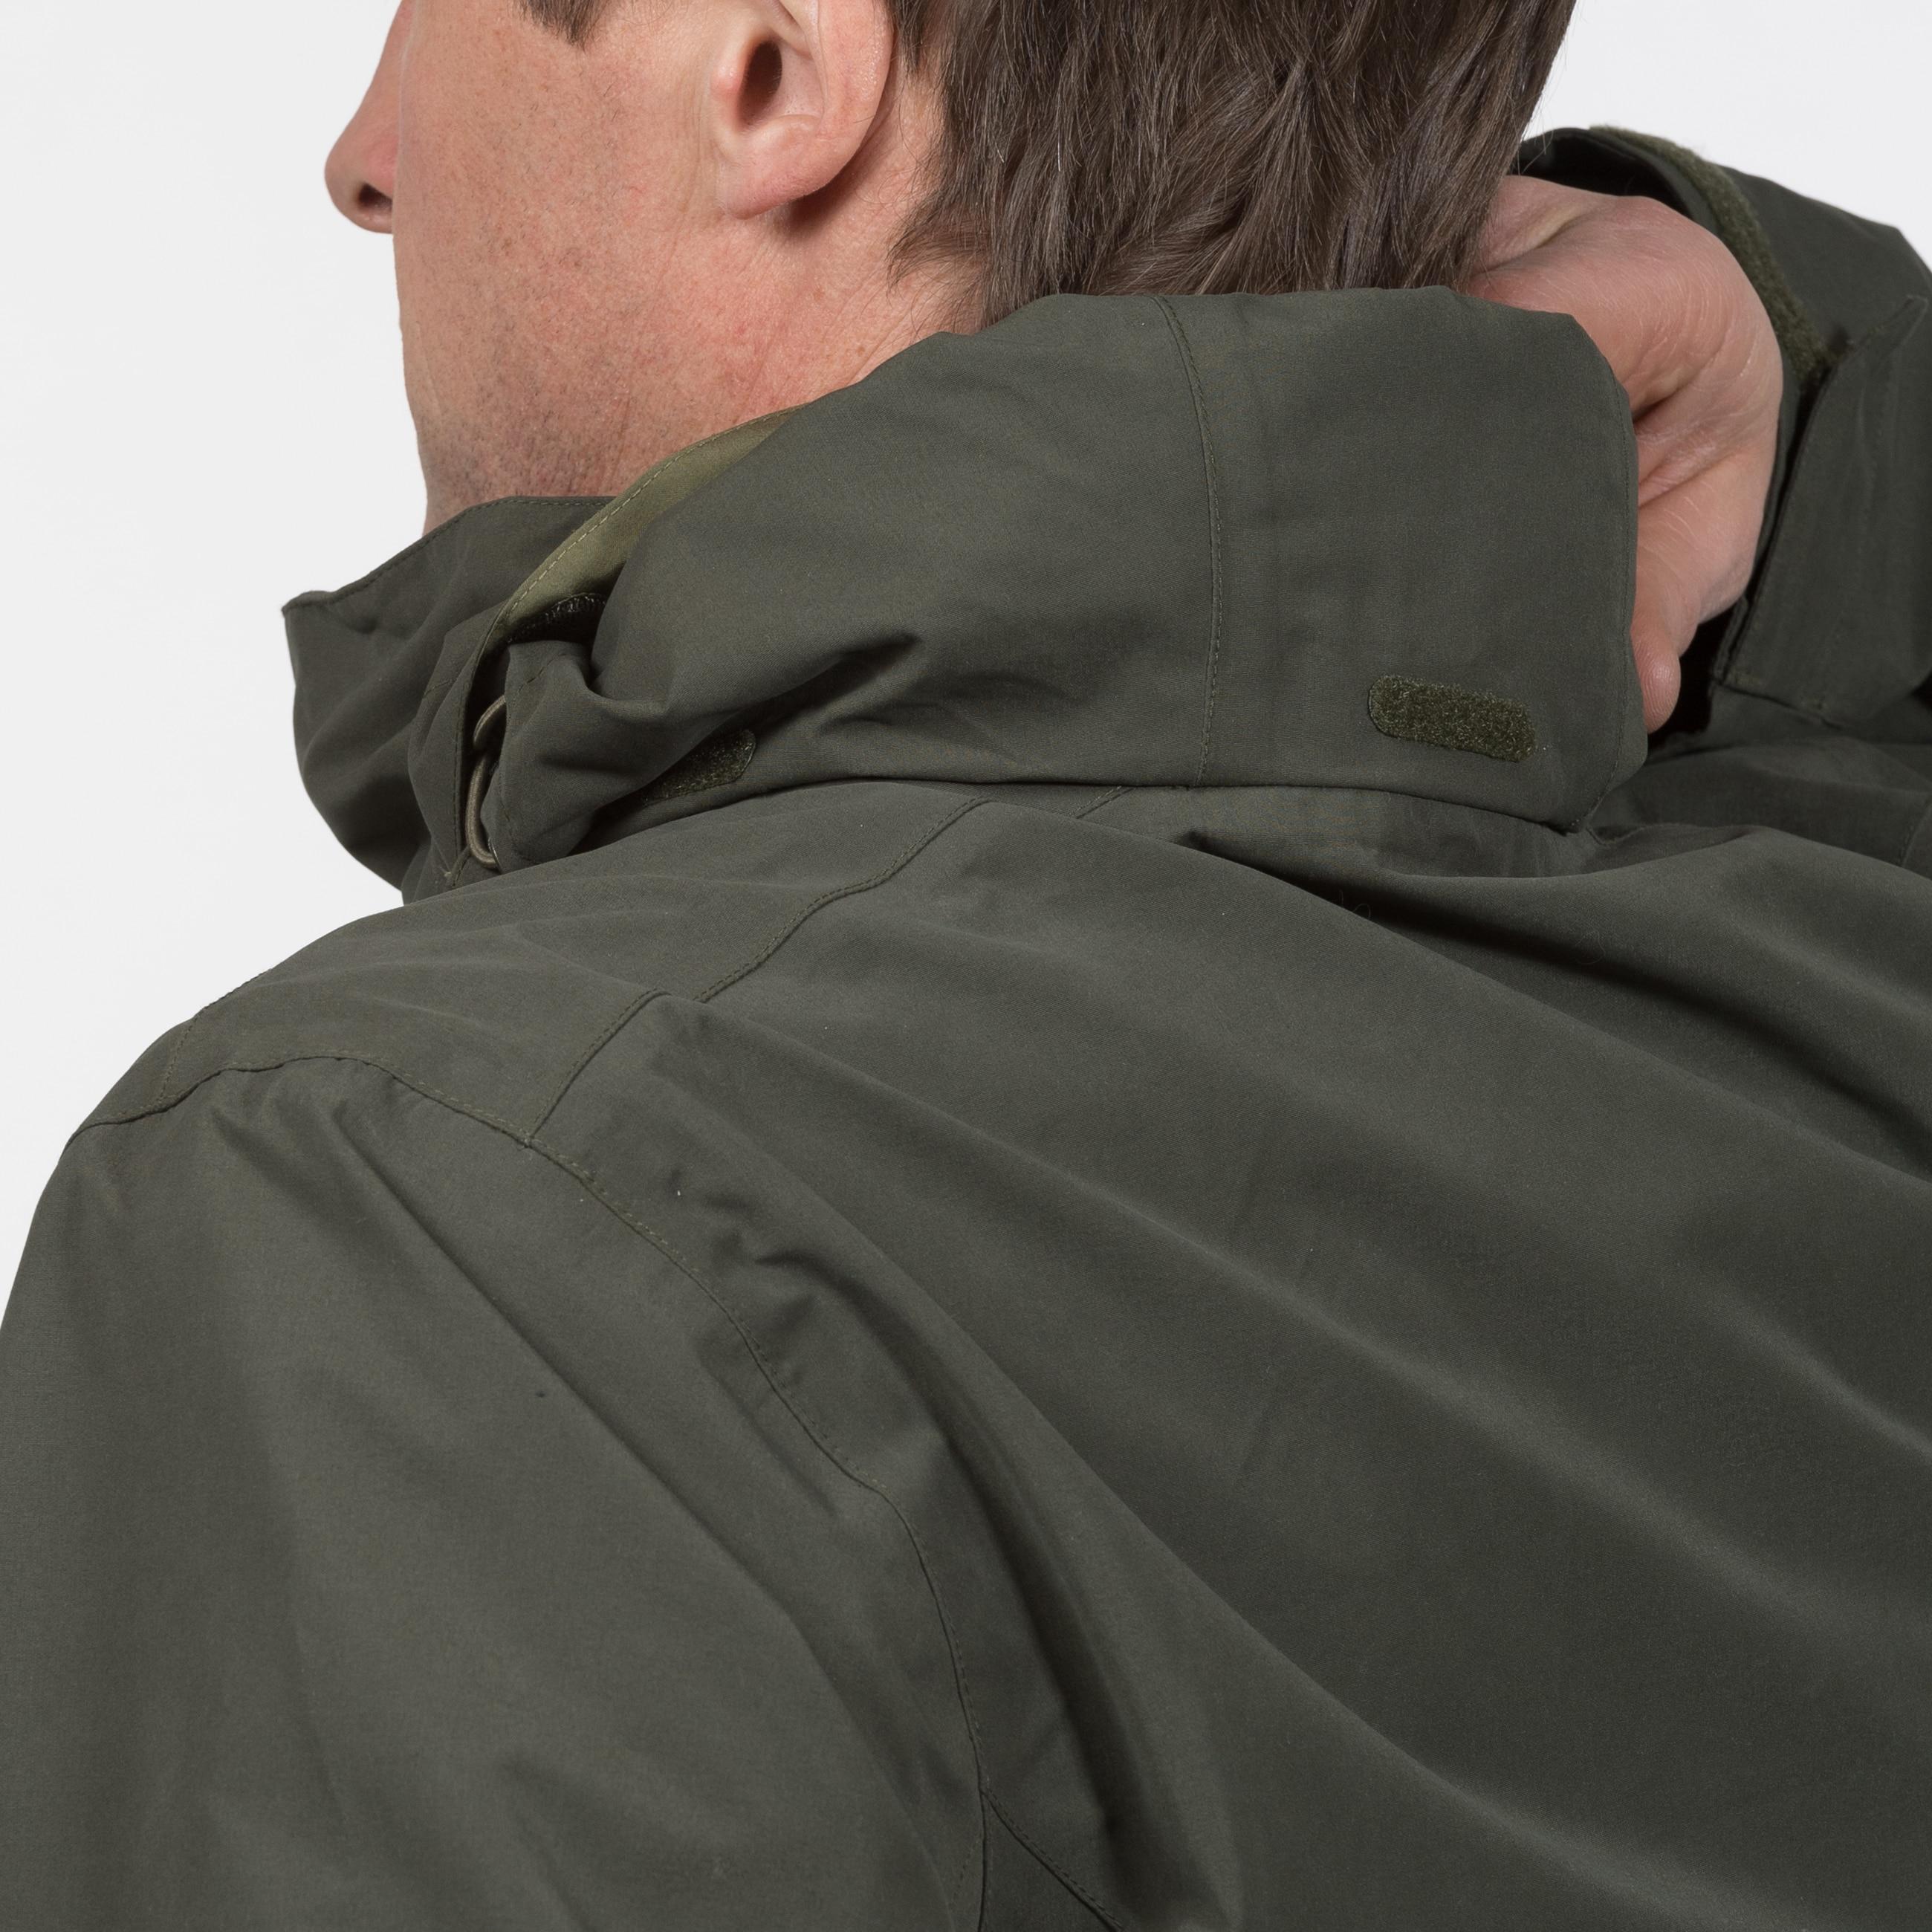 Vollen Jacket